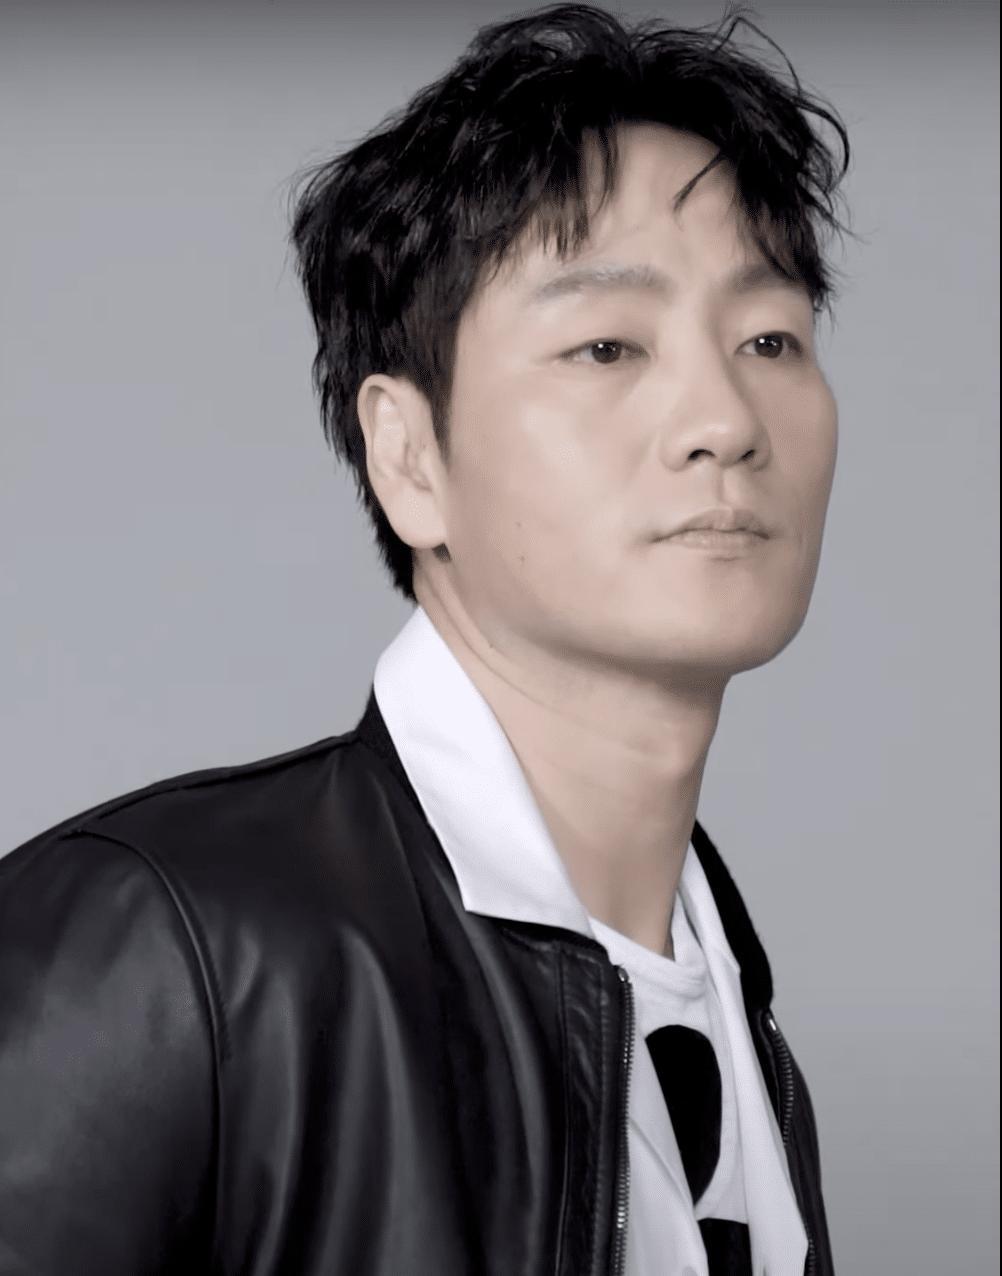 Park Hae Soo South Korean Actor